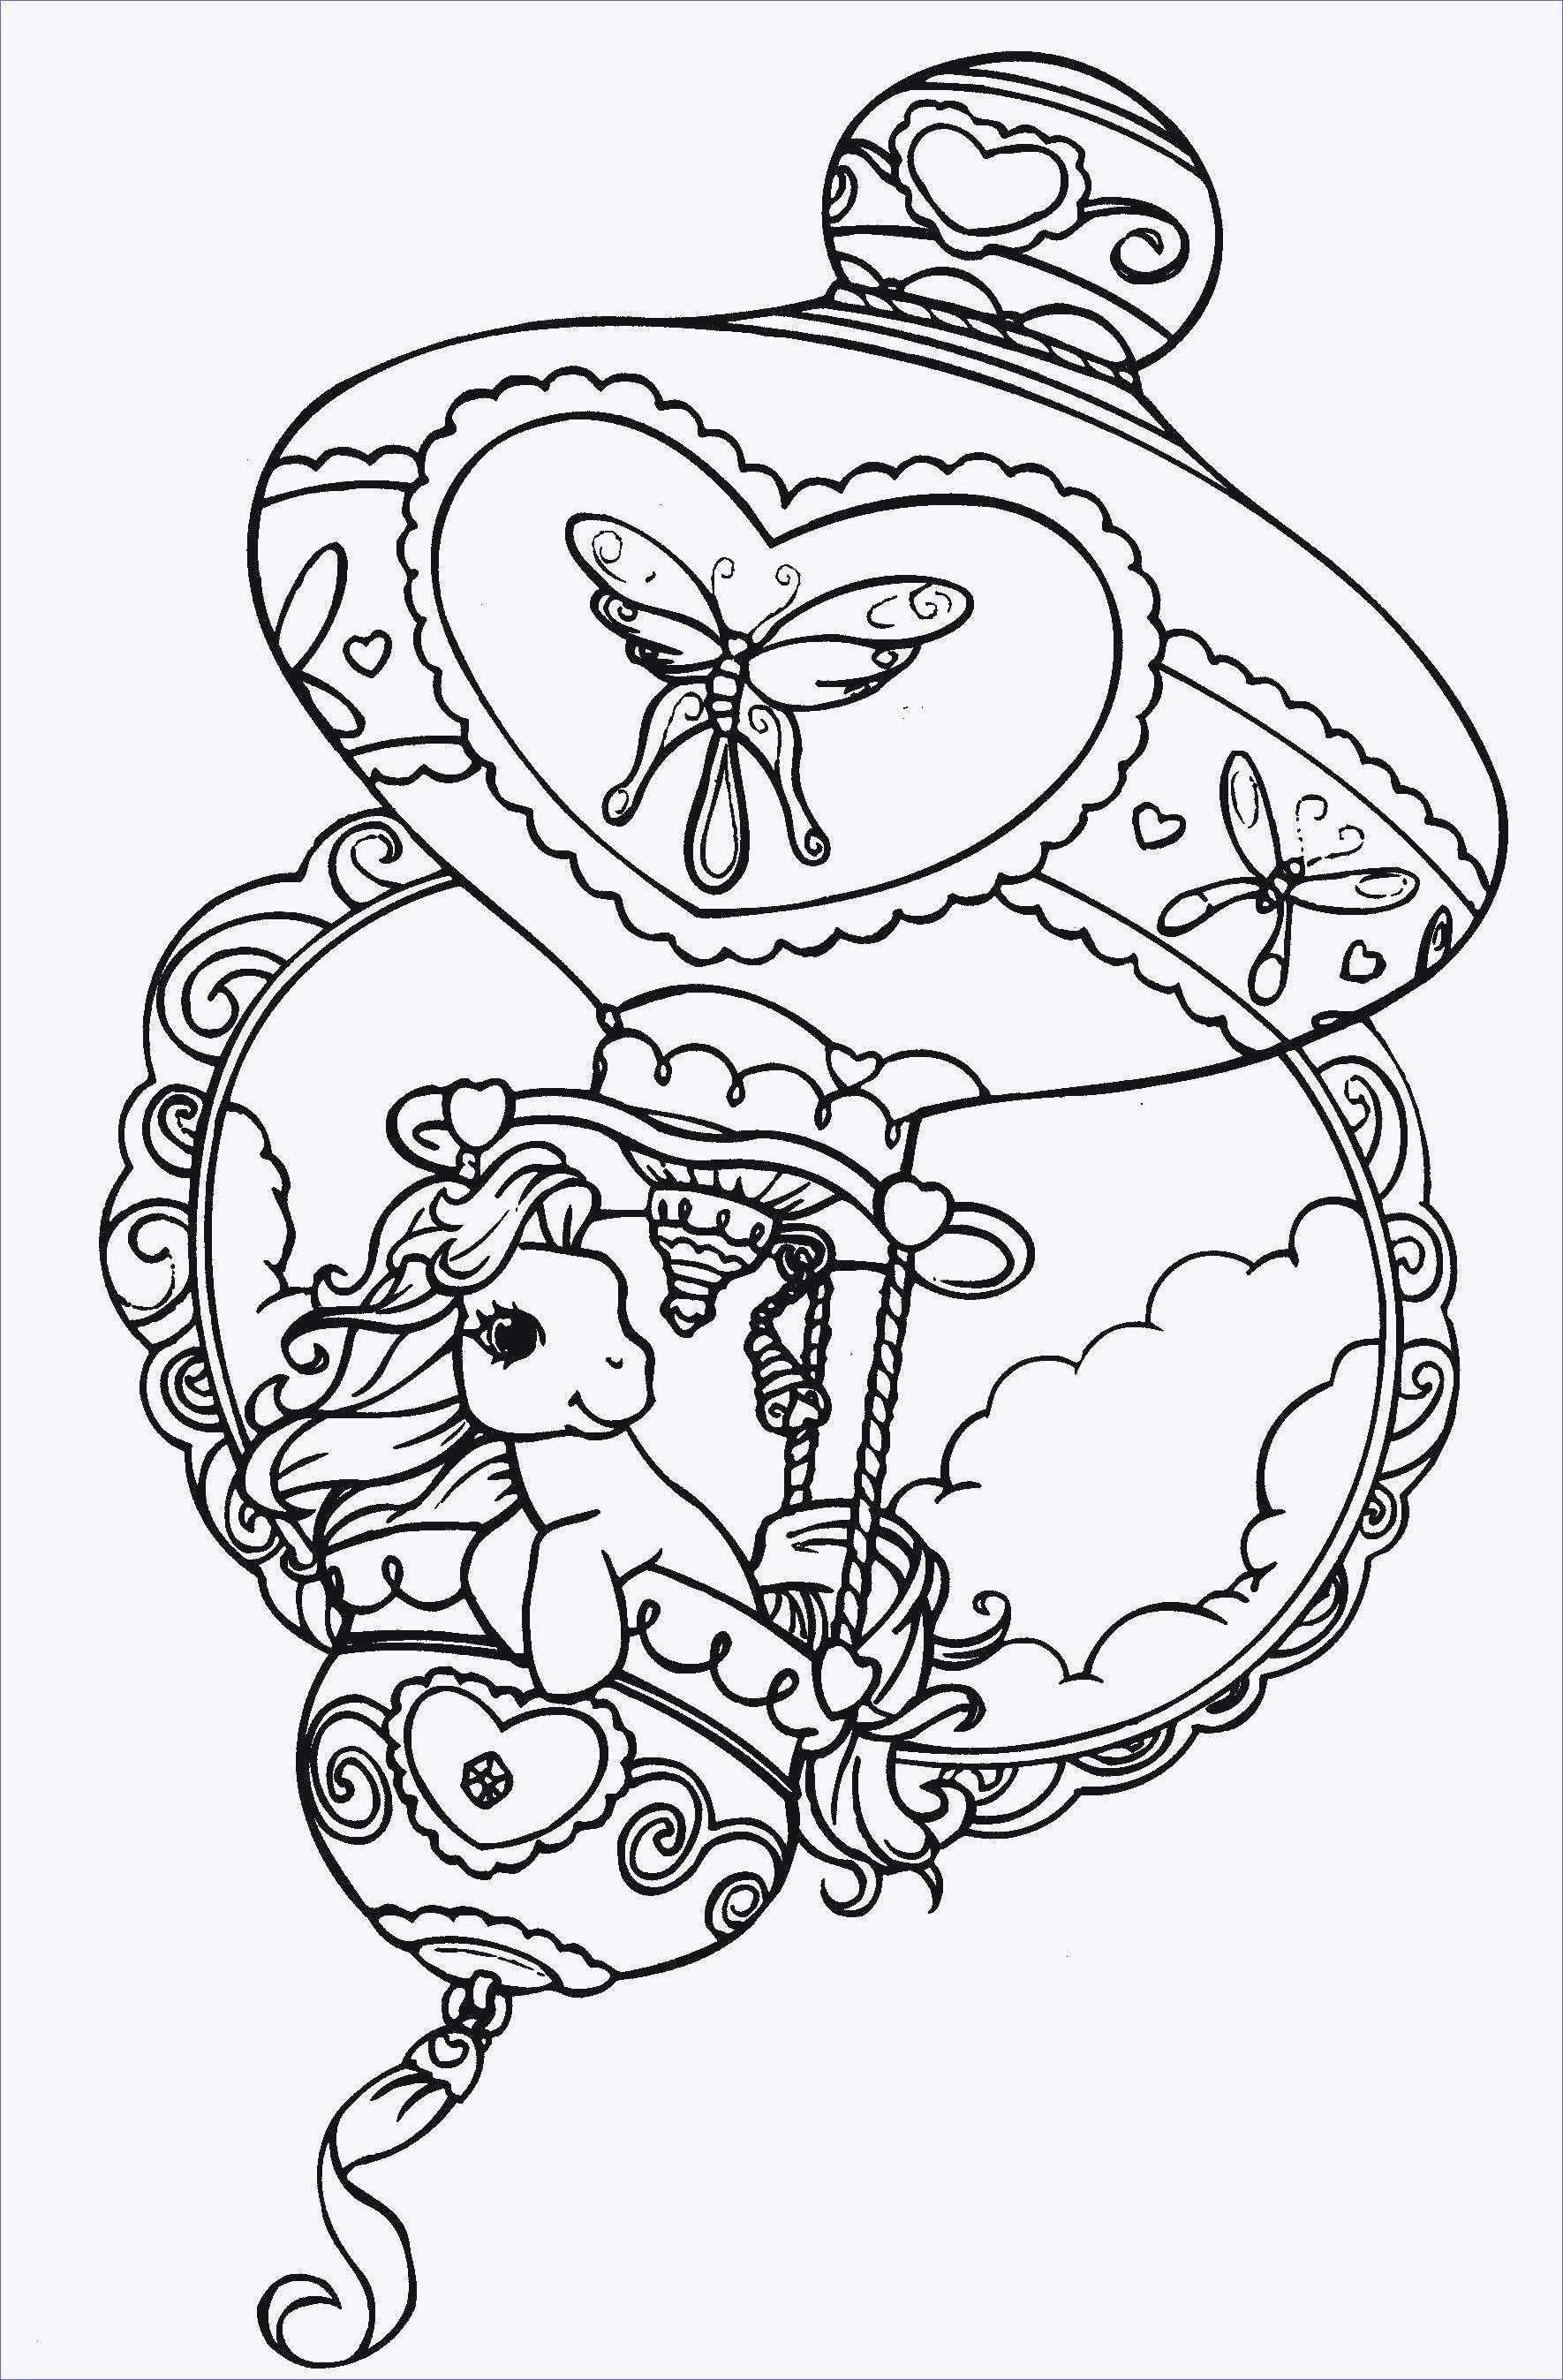 My Little Pony Ausmalbild Inspirierend My Little Pony Ausmalbilder Inspirierend Equestria Girl Ausmalbilder Das Bild